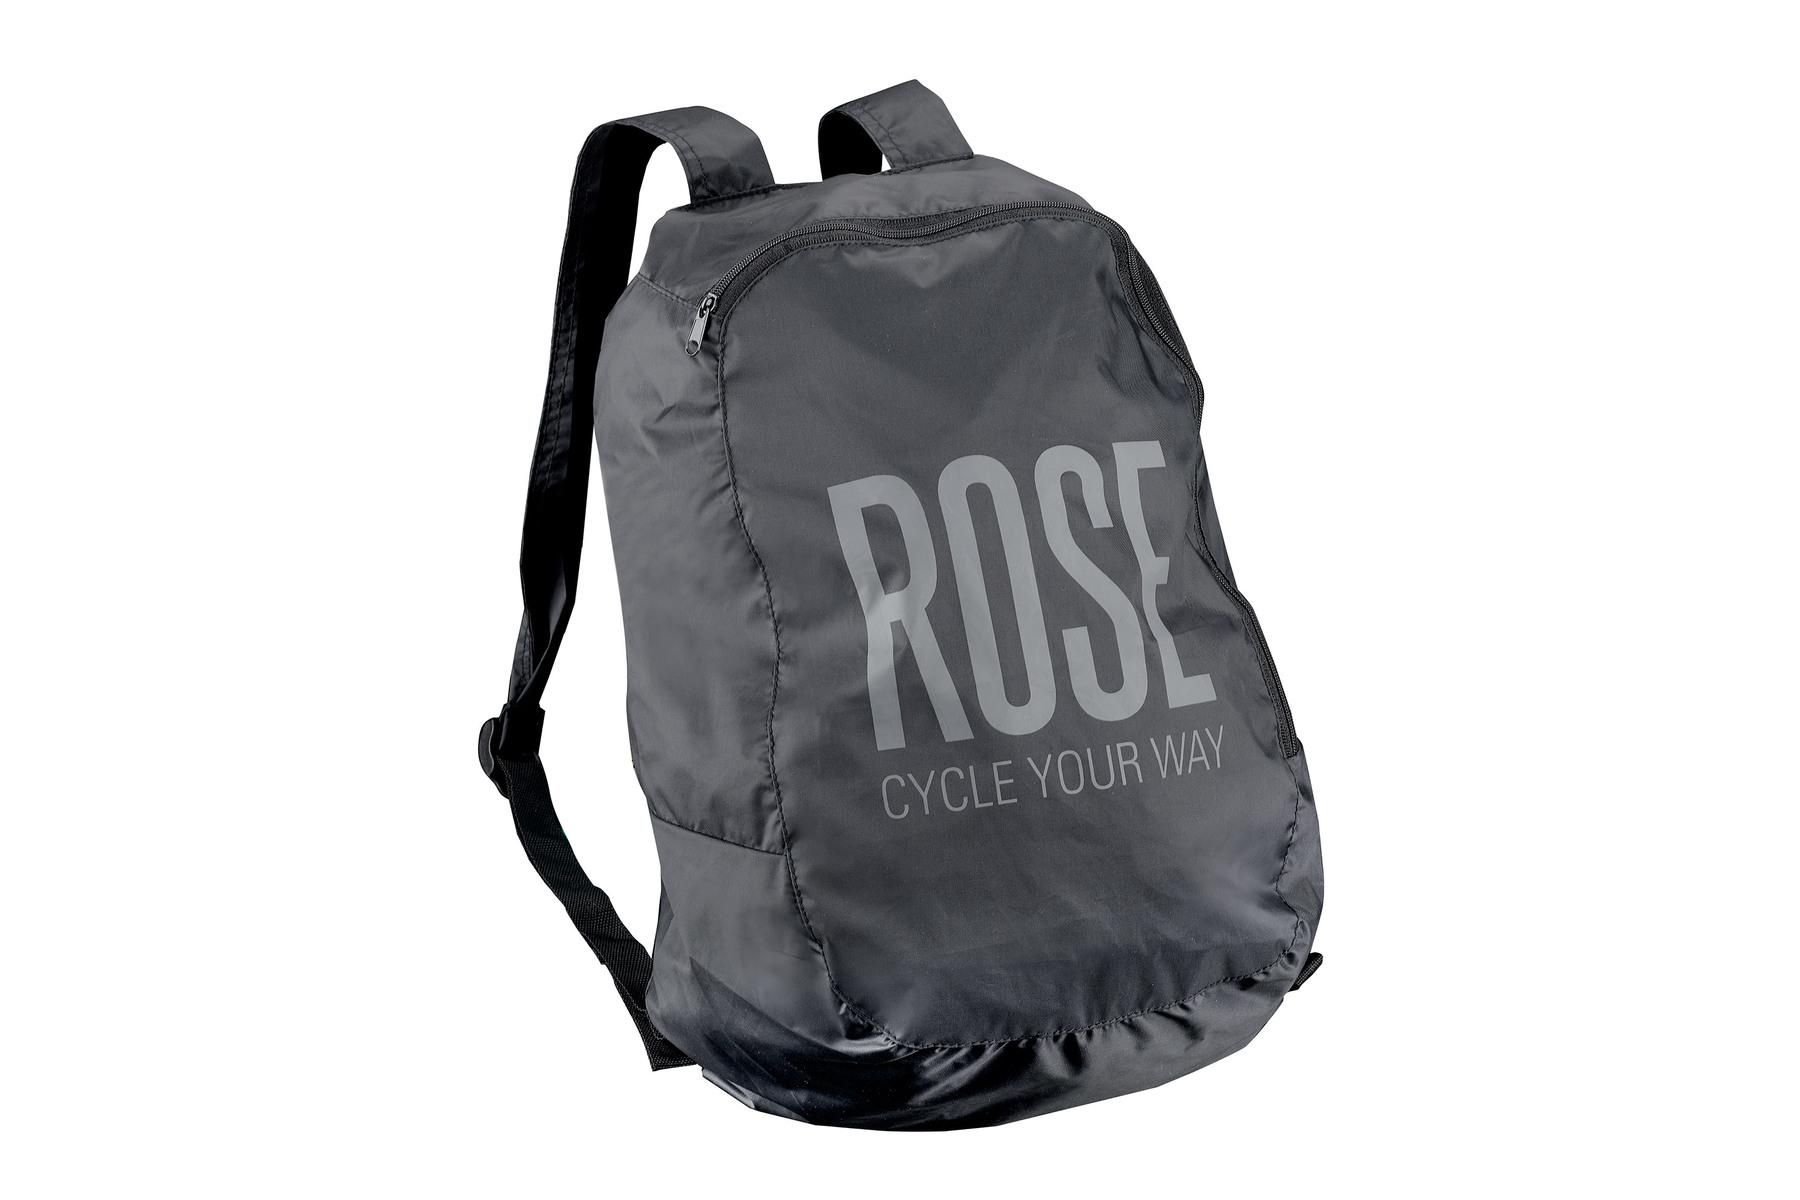 Image of ROSE Rucksack faltbar black/grey